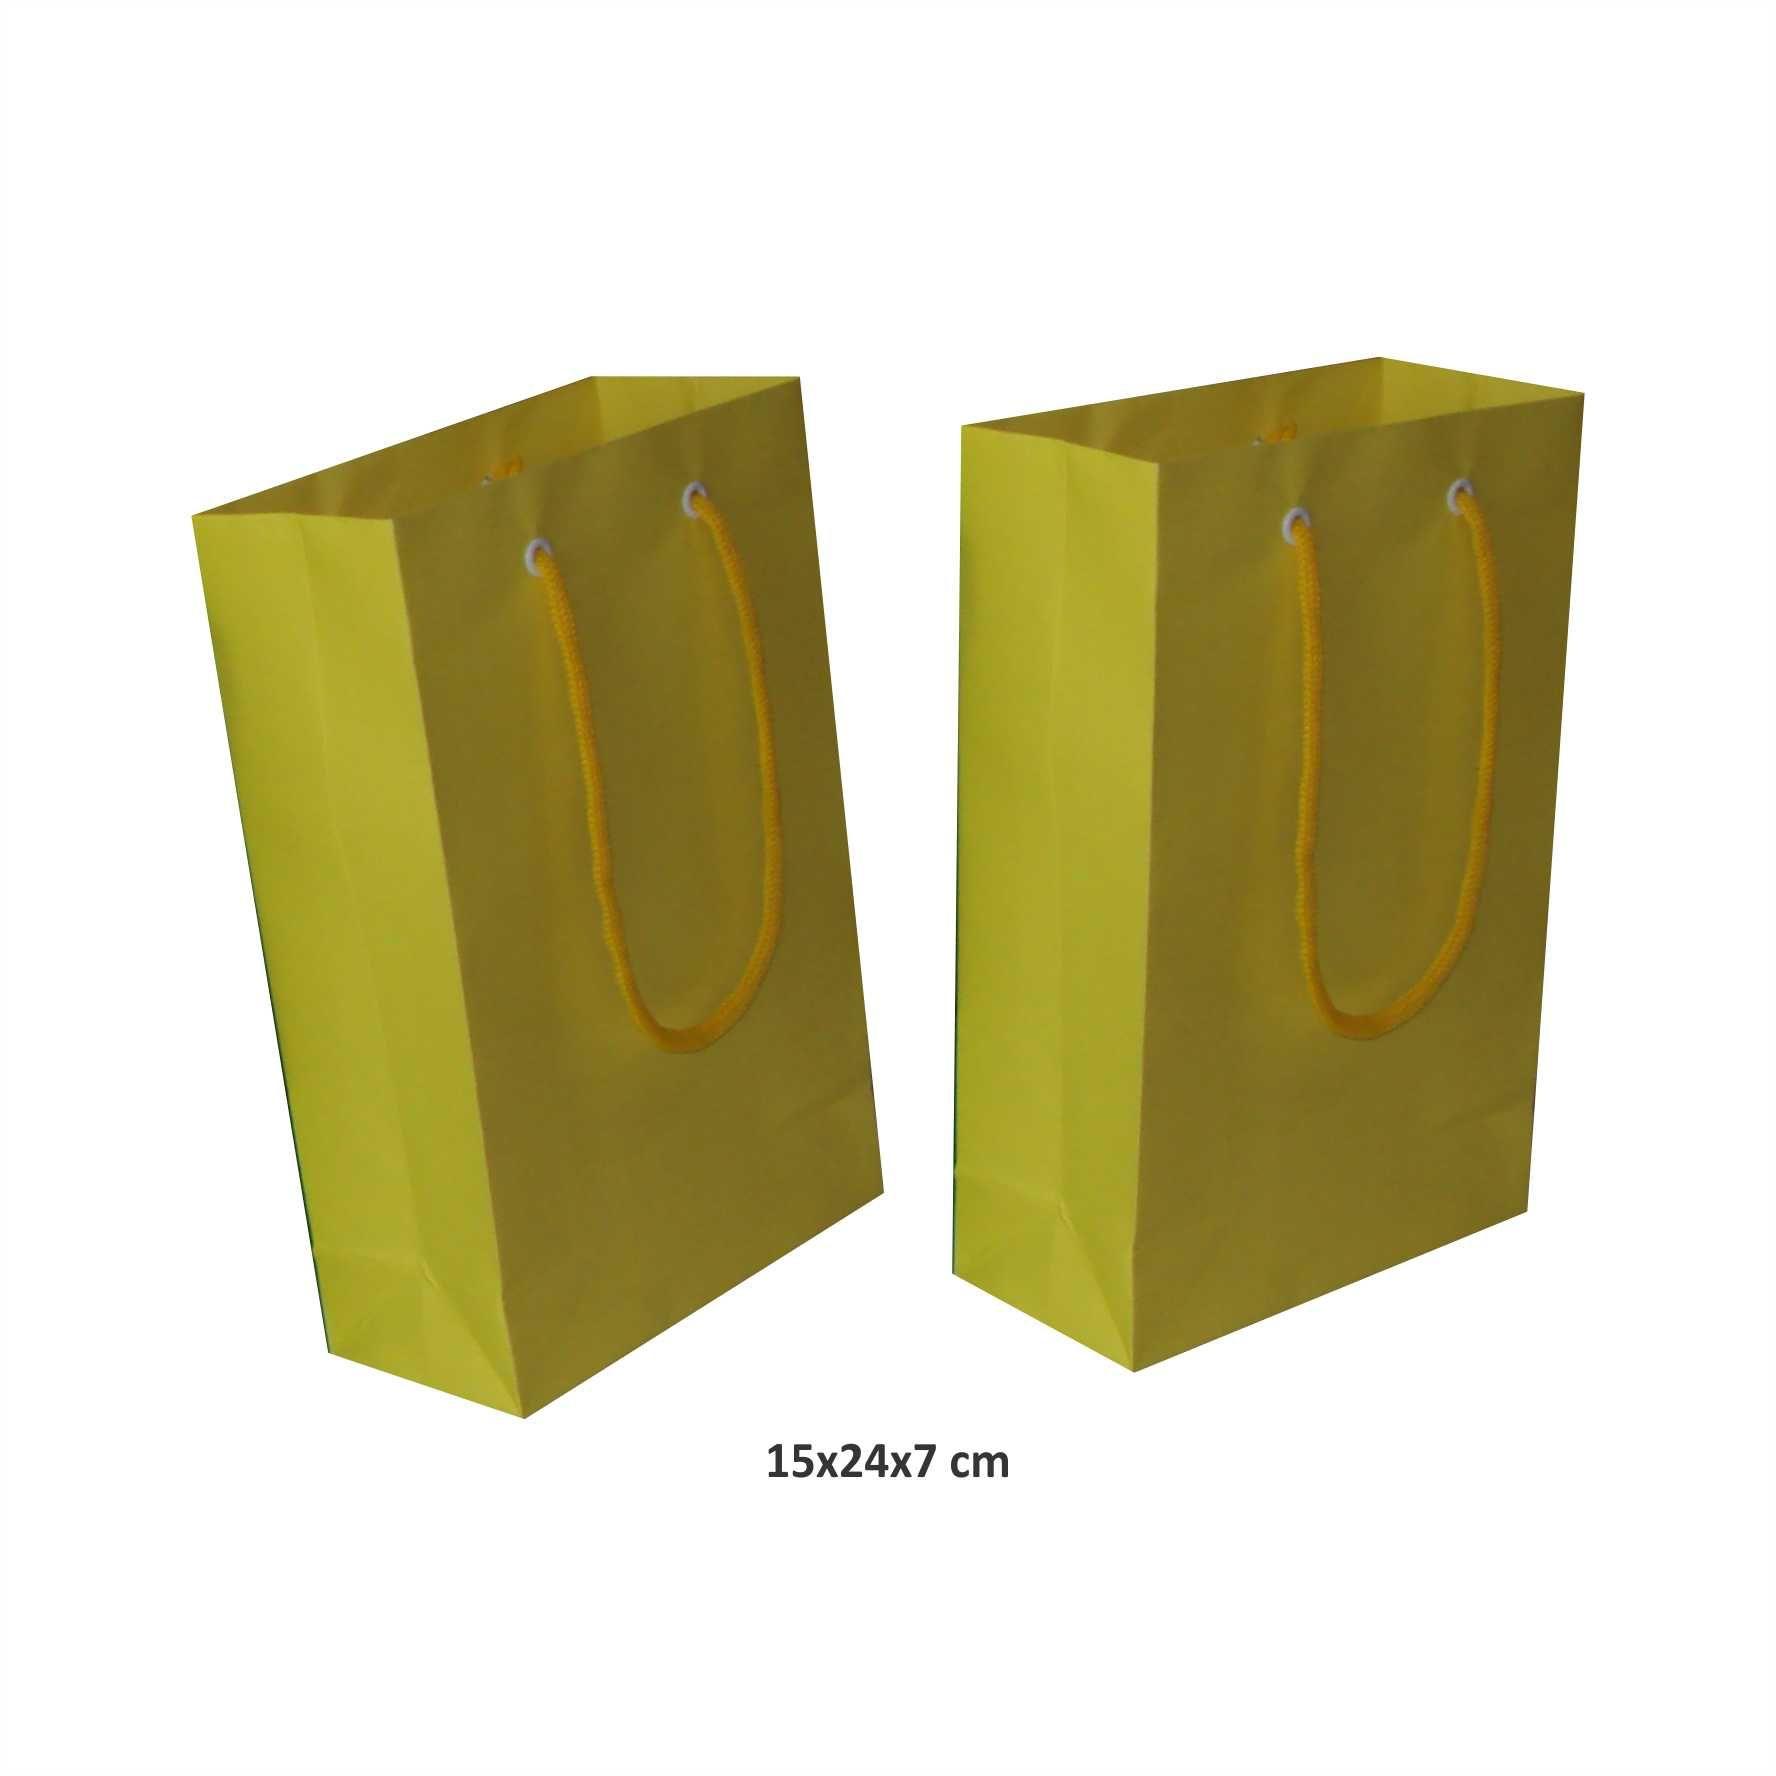 Sacola de papel (15x24x7 cm) pequena - amarela - 10 unidades